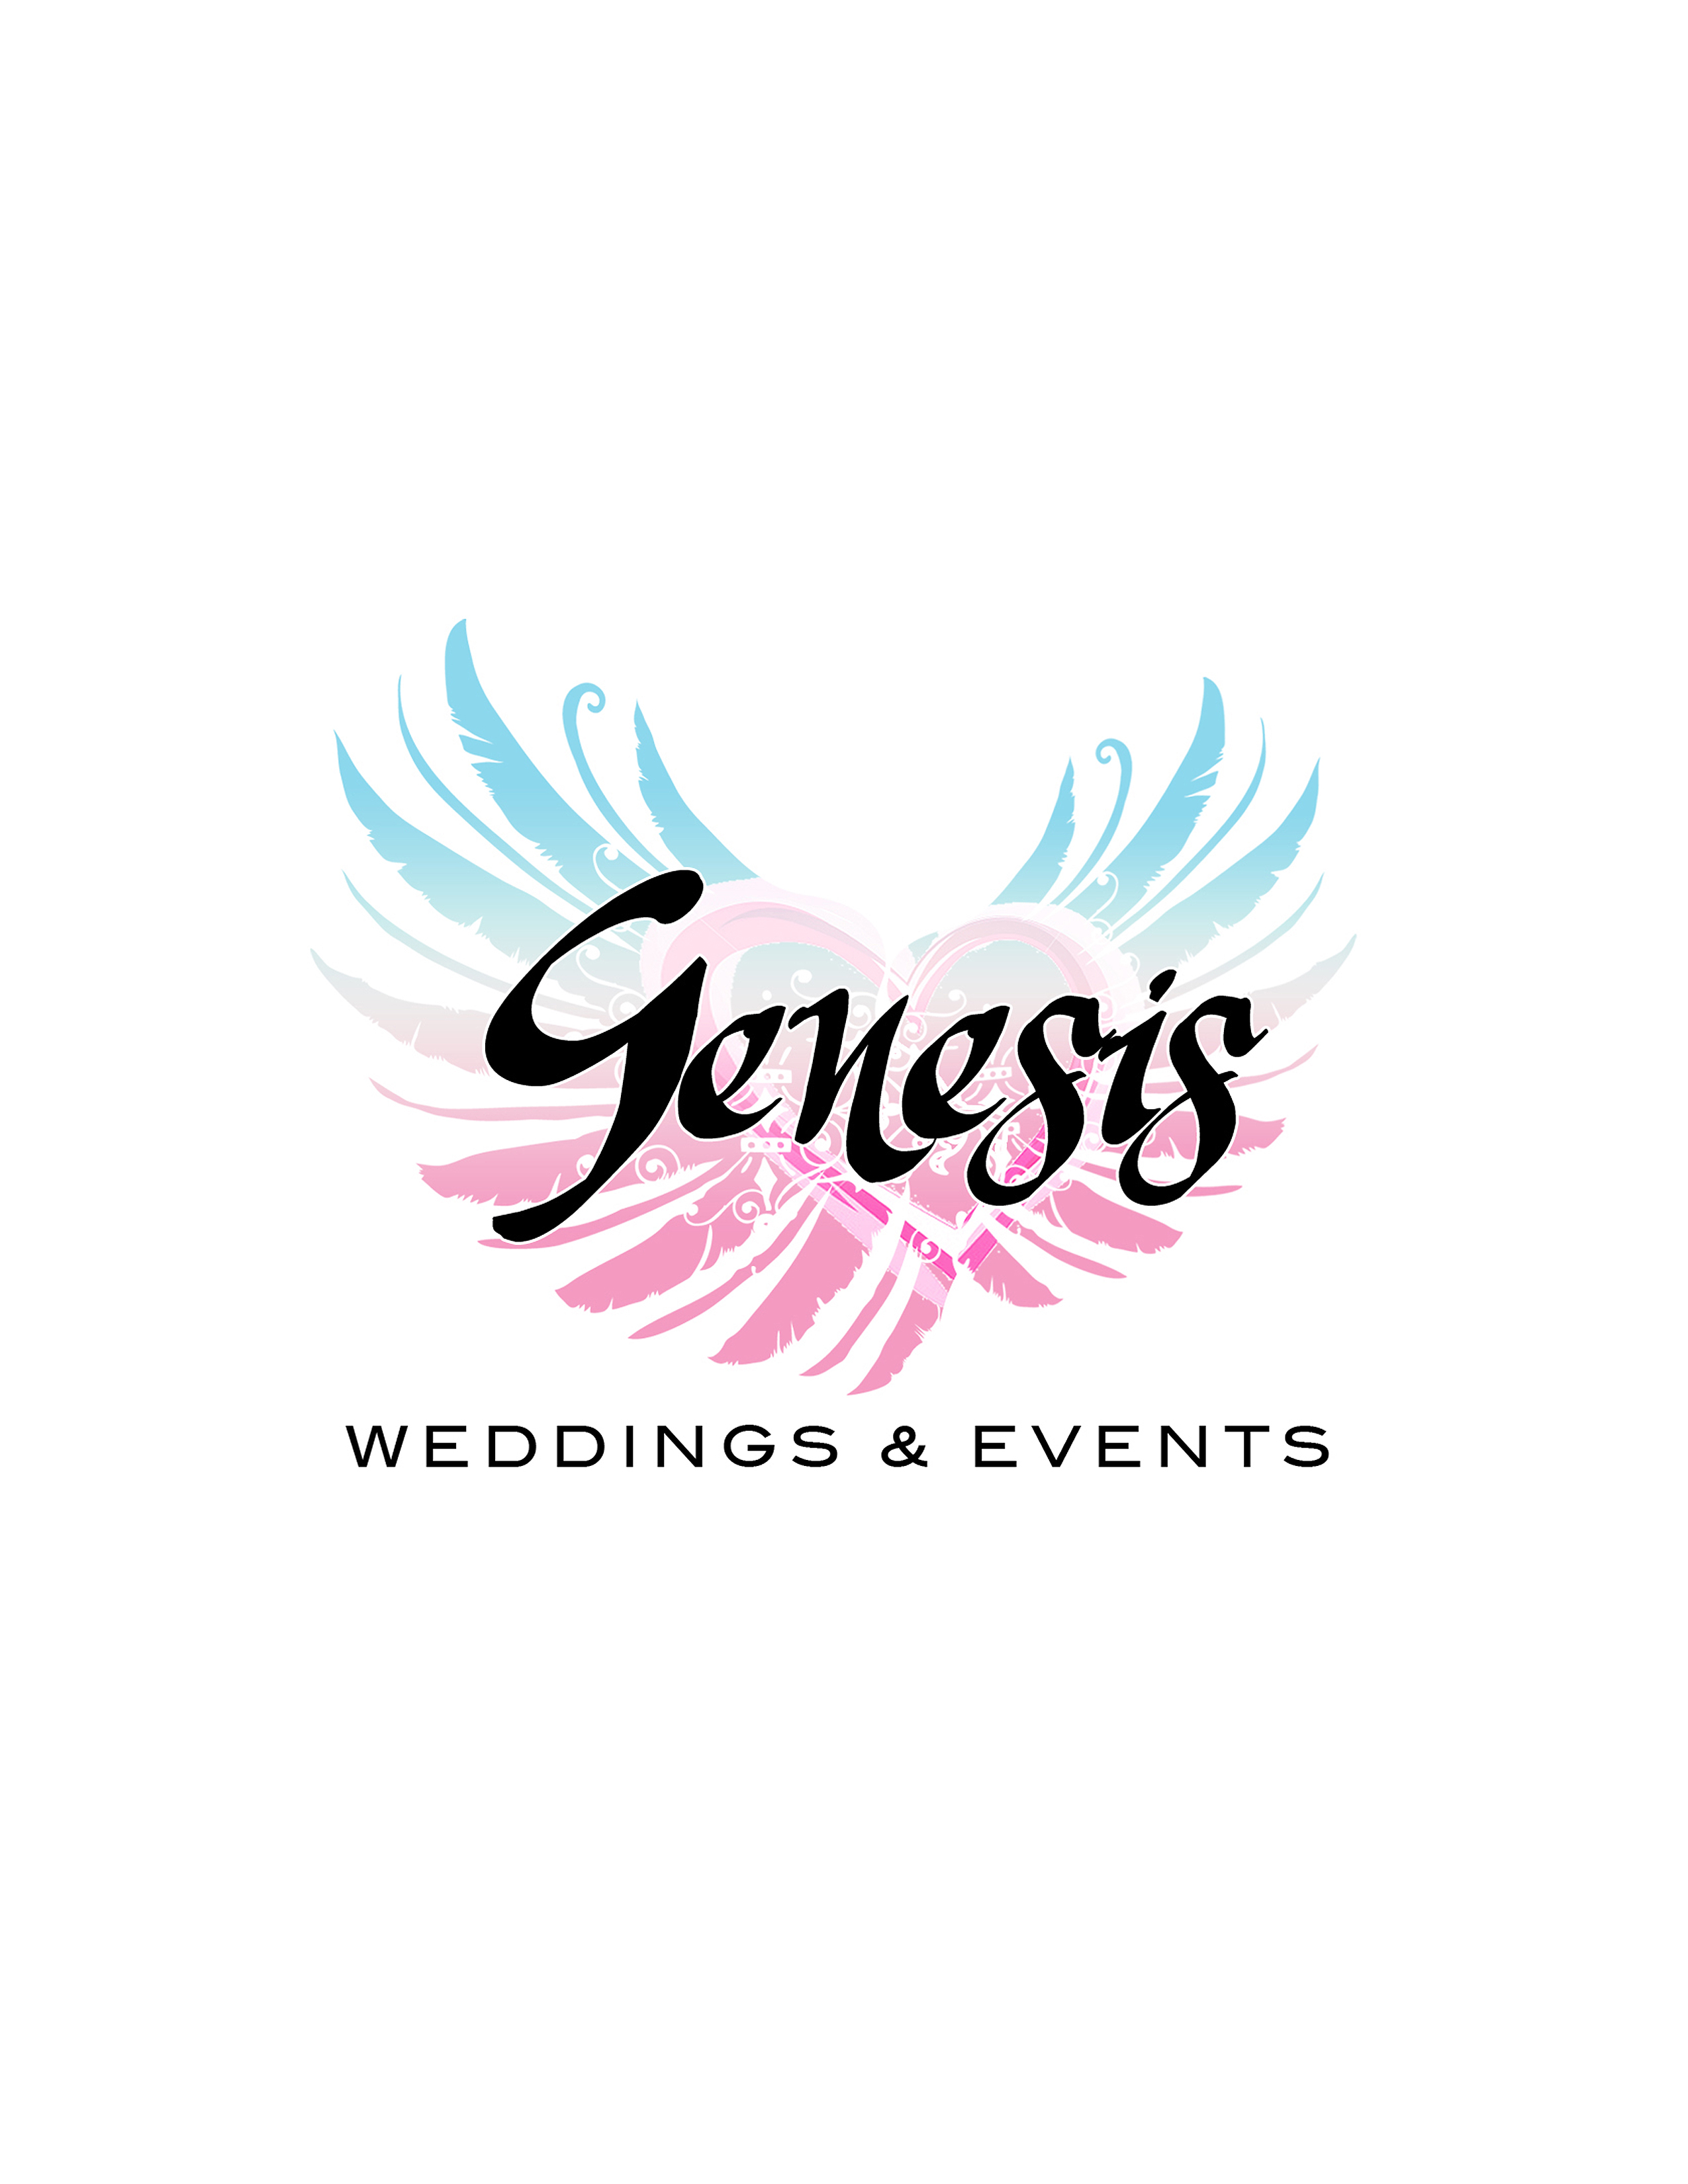 Genesis Weddings & Events